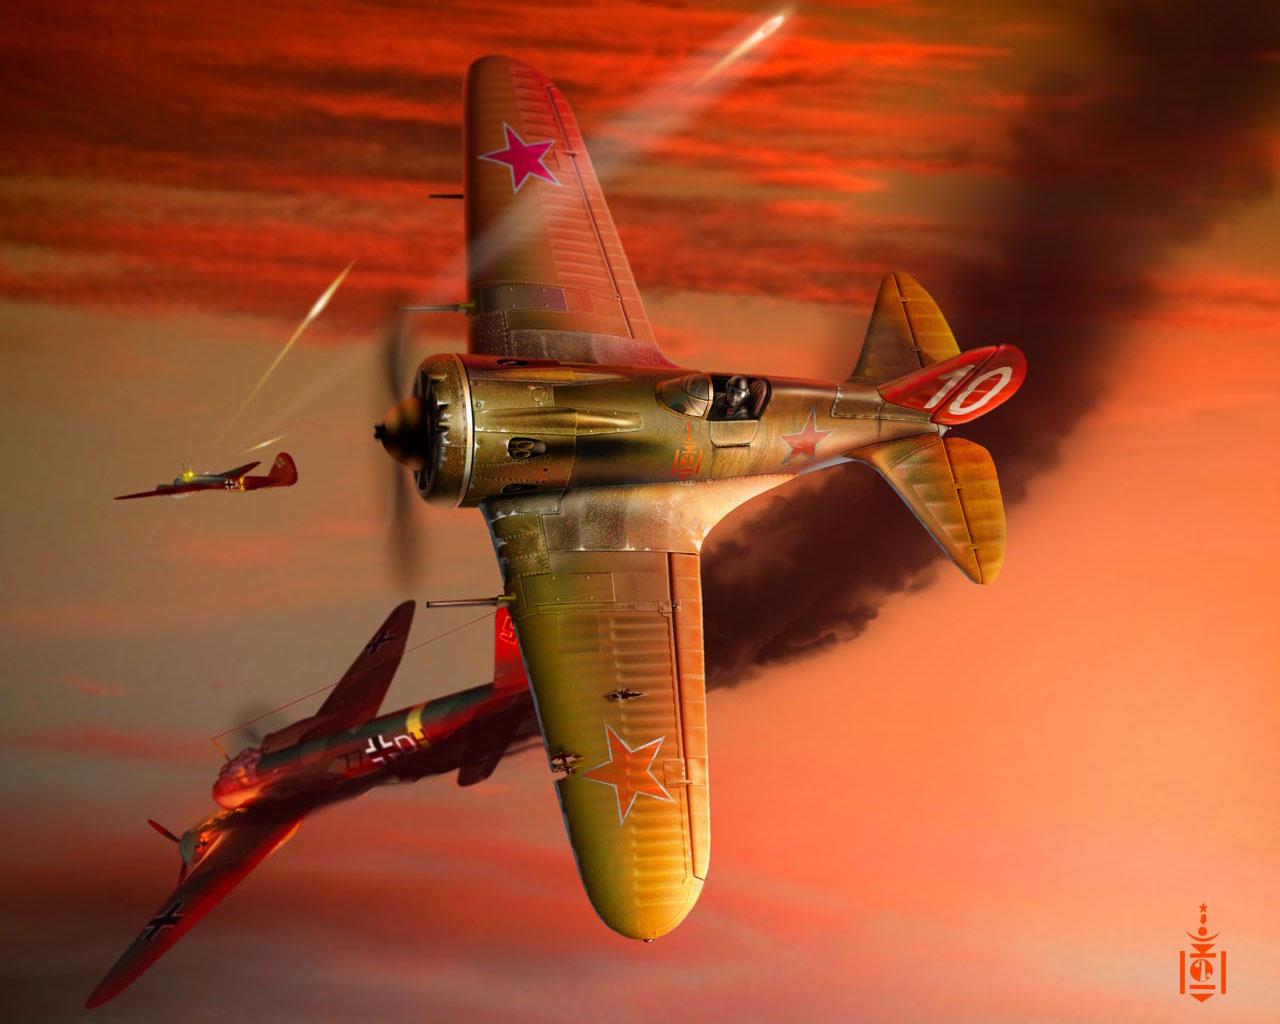 Sowietische Flugzeuge